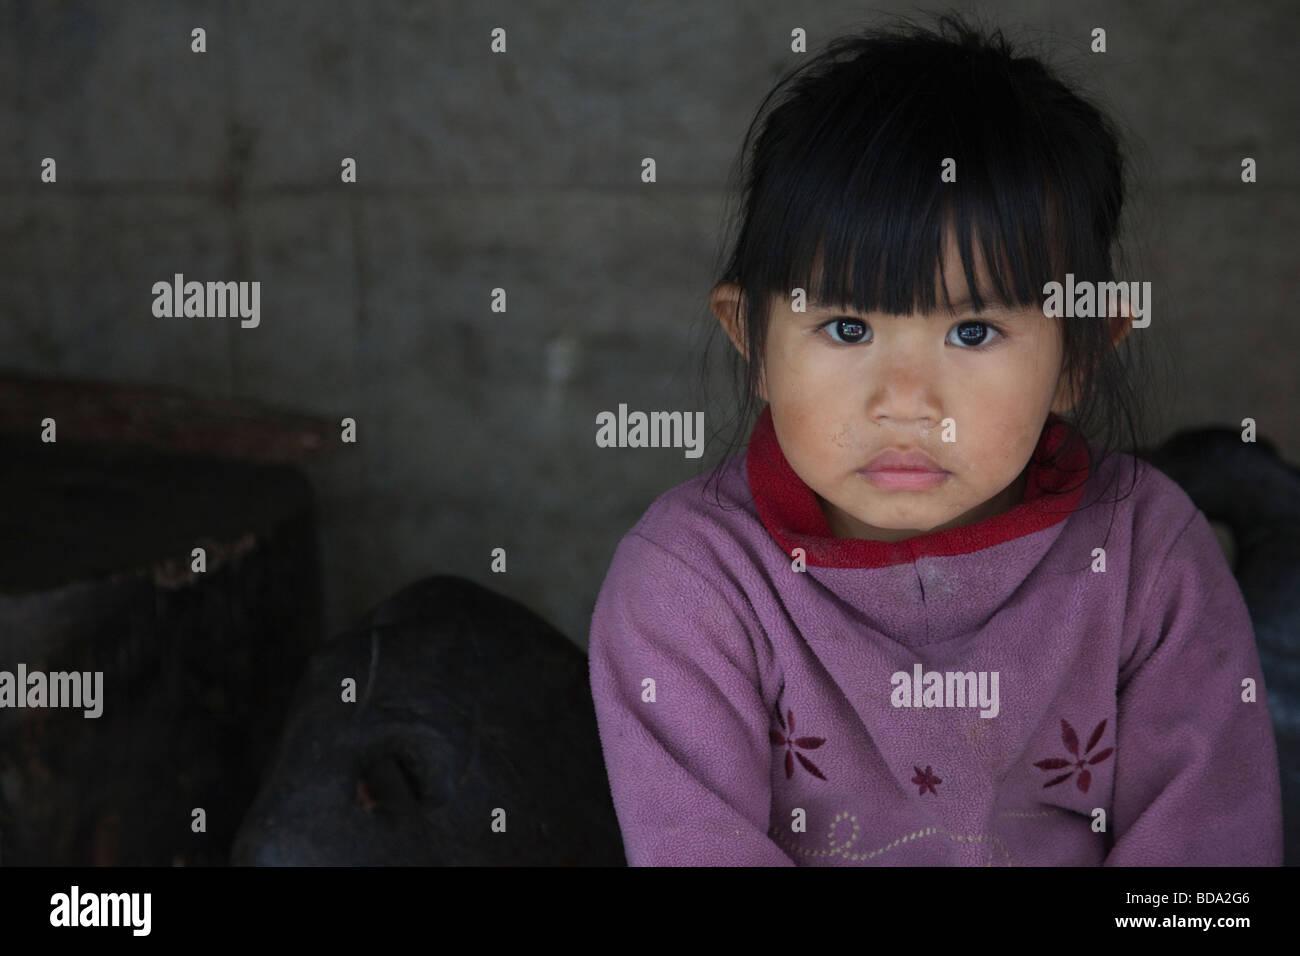 Jovem garota nativa Banaue Ifugao província norte de Luzon Filipinas Imagens de Stock